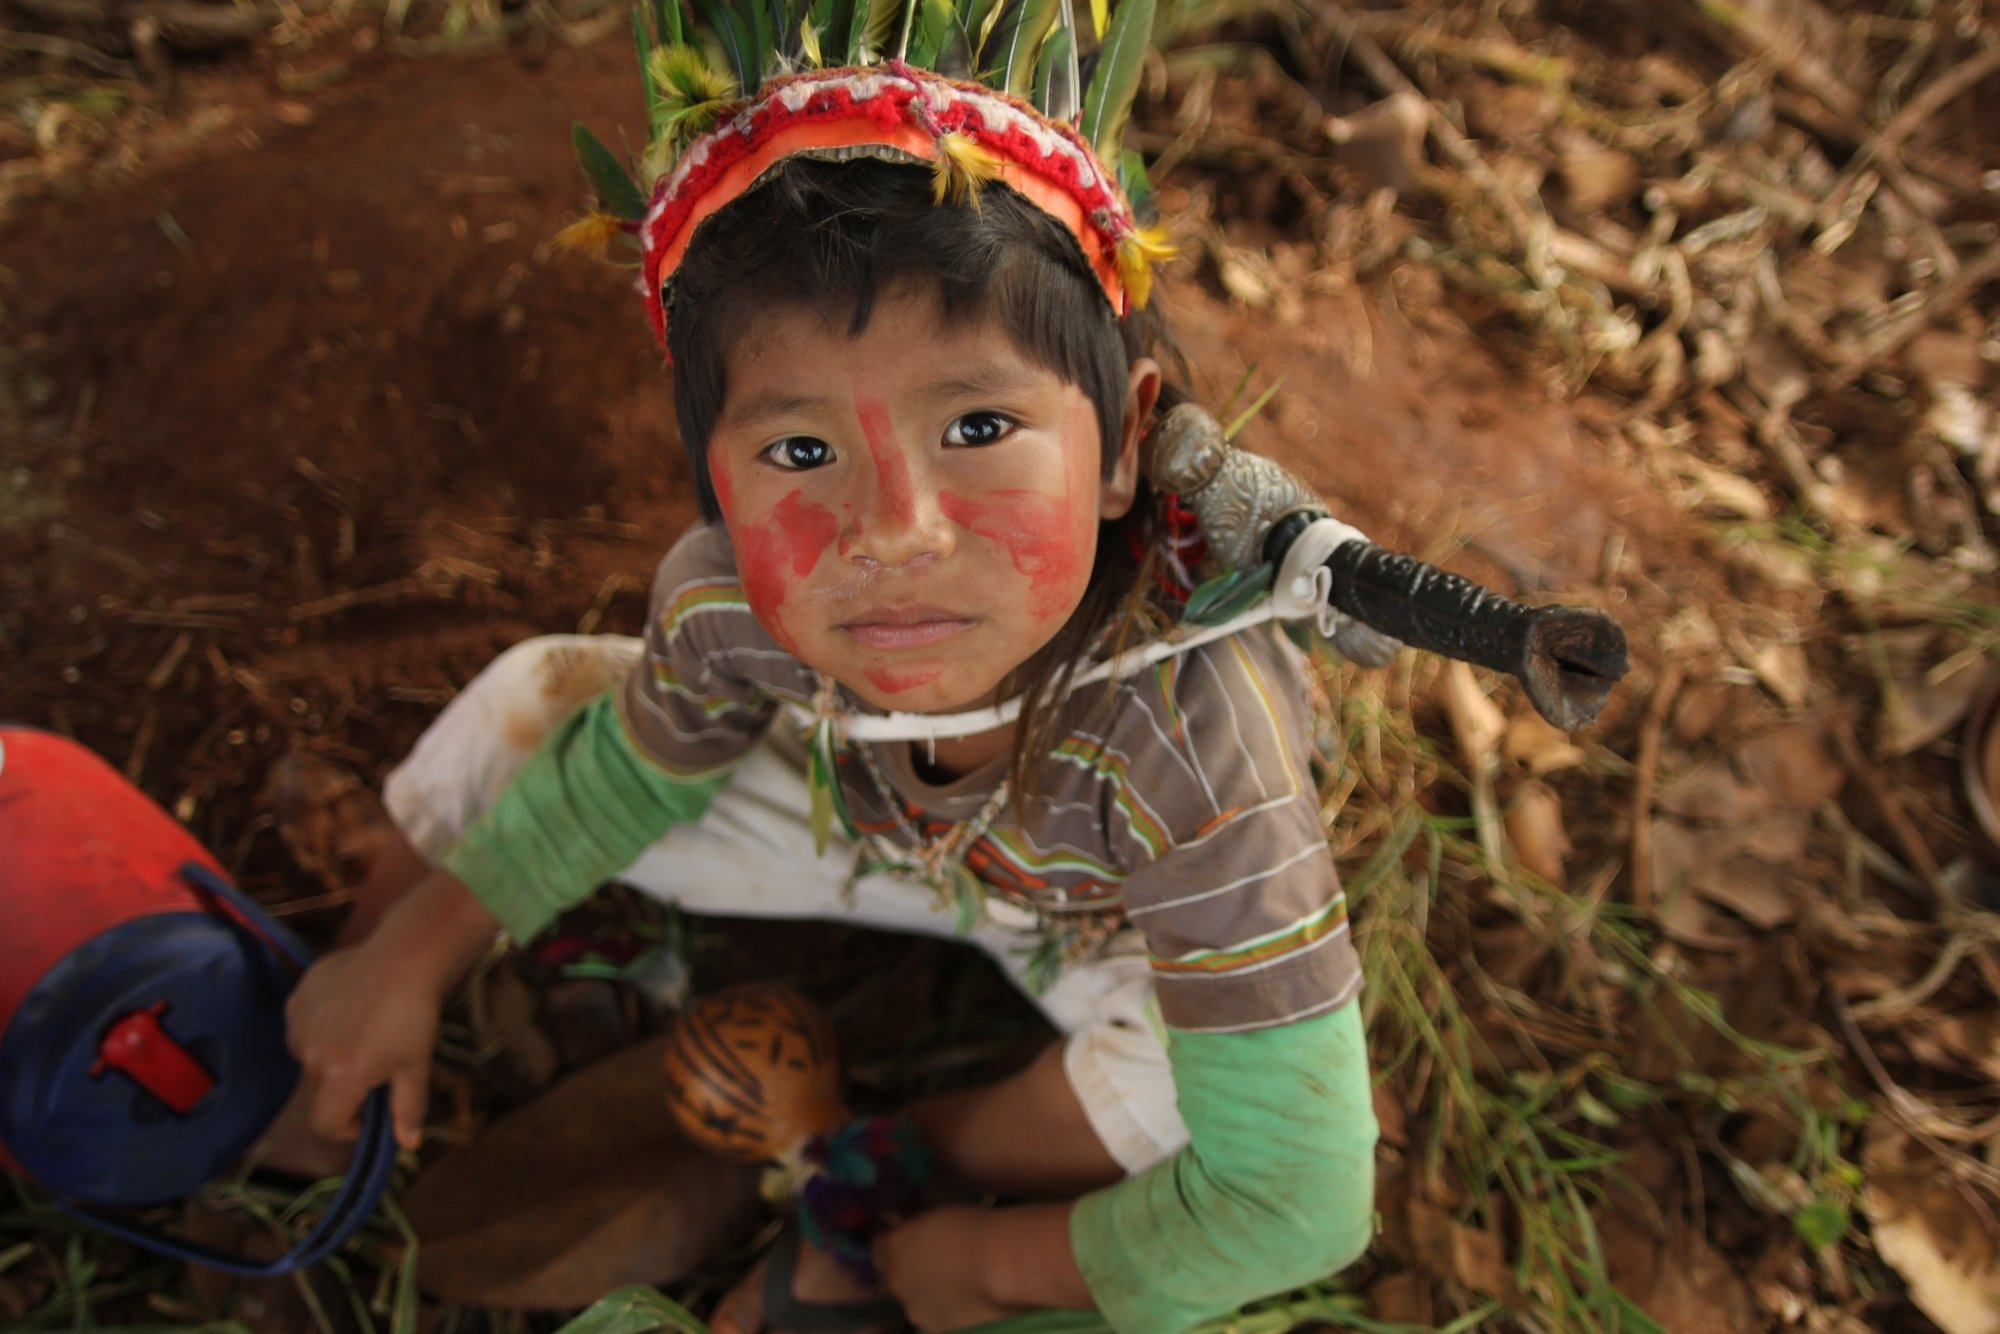 Comunidade indígena Guarani Ñandeva de Yvy Katu, municípios de Japorã e Iguatemi (MS), fronteira com o Paraguai